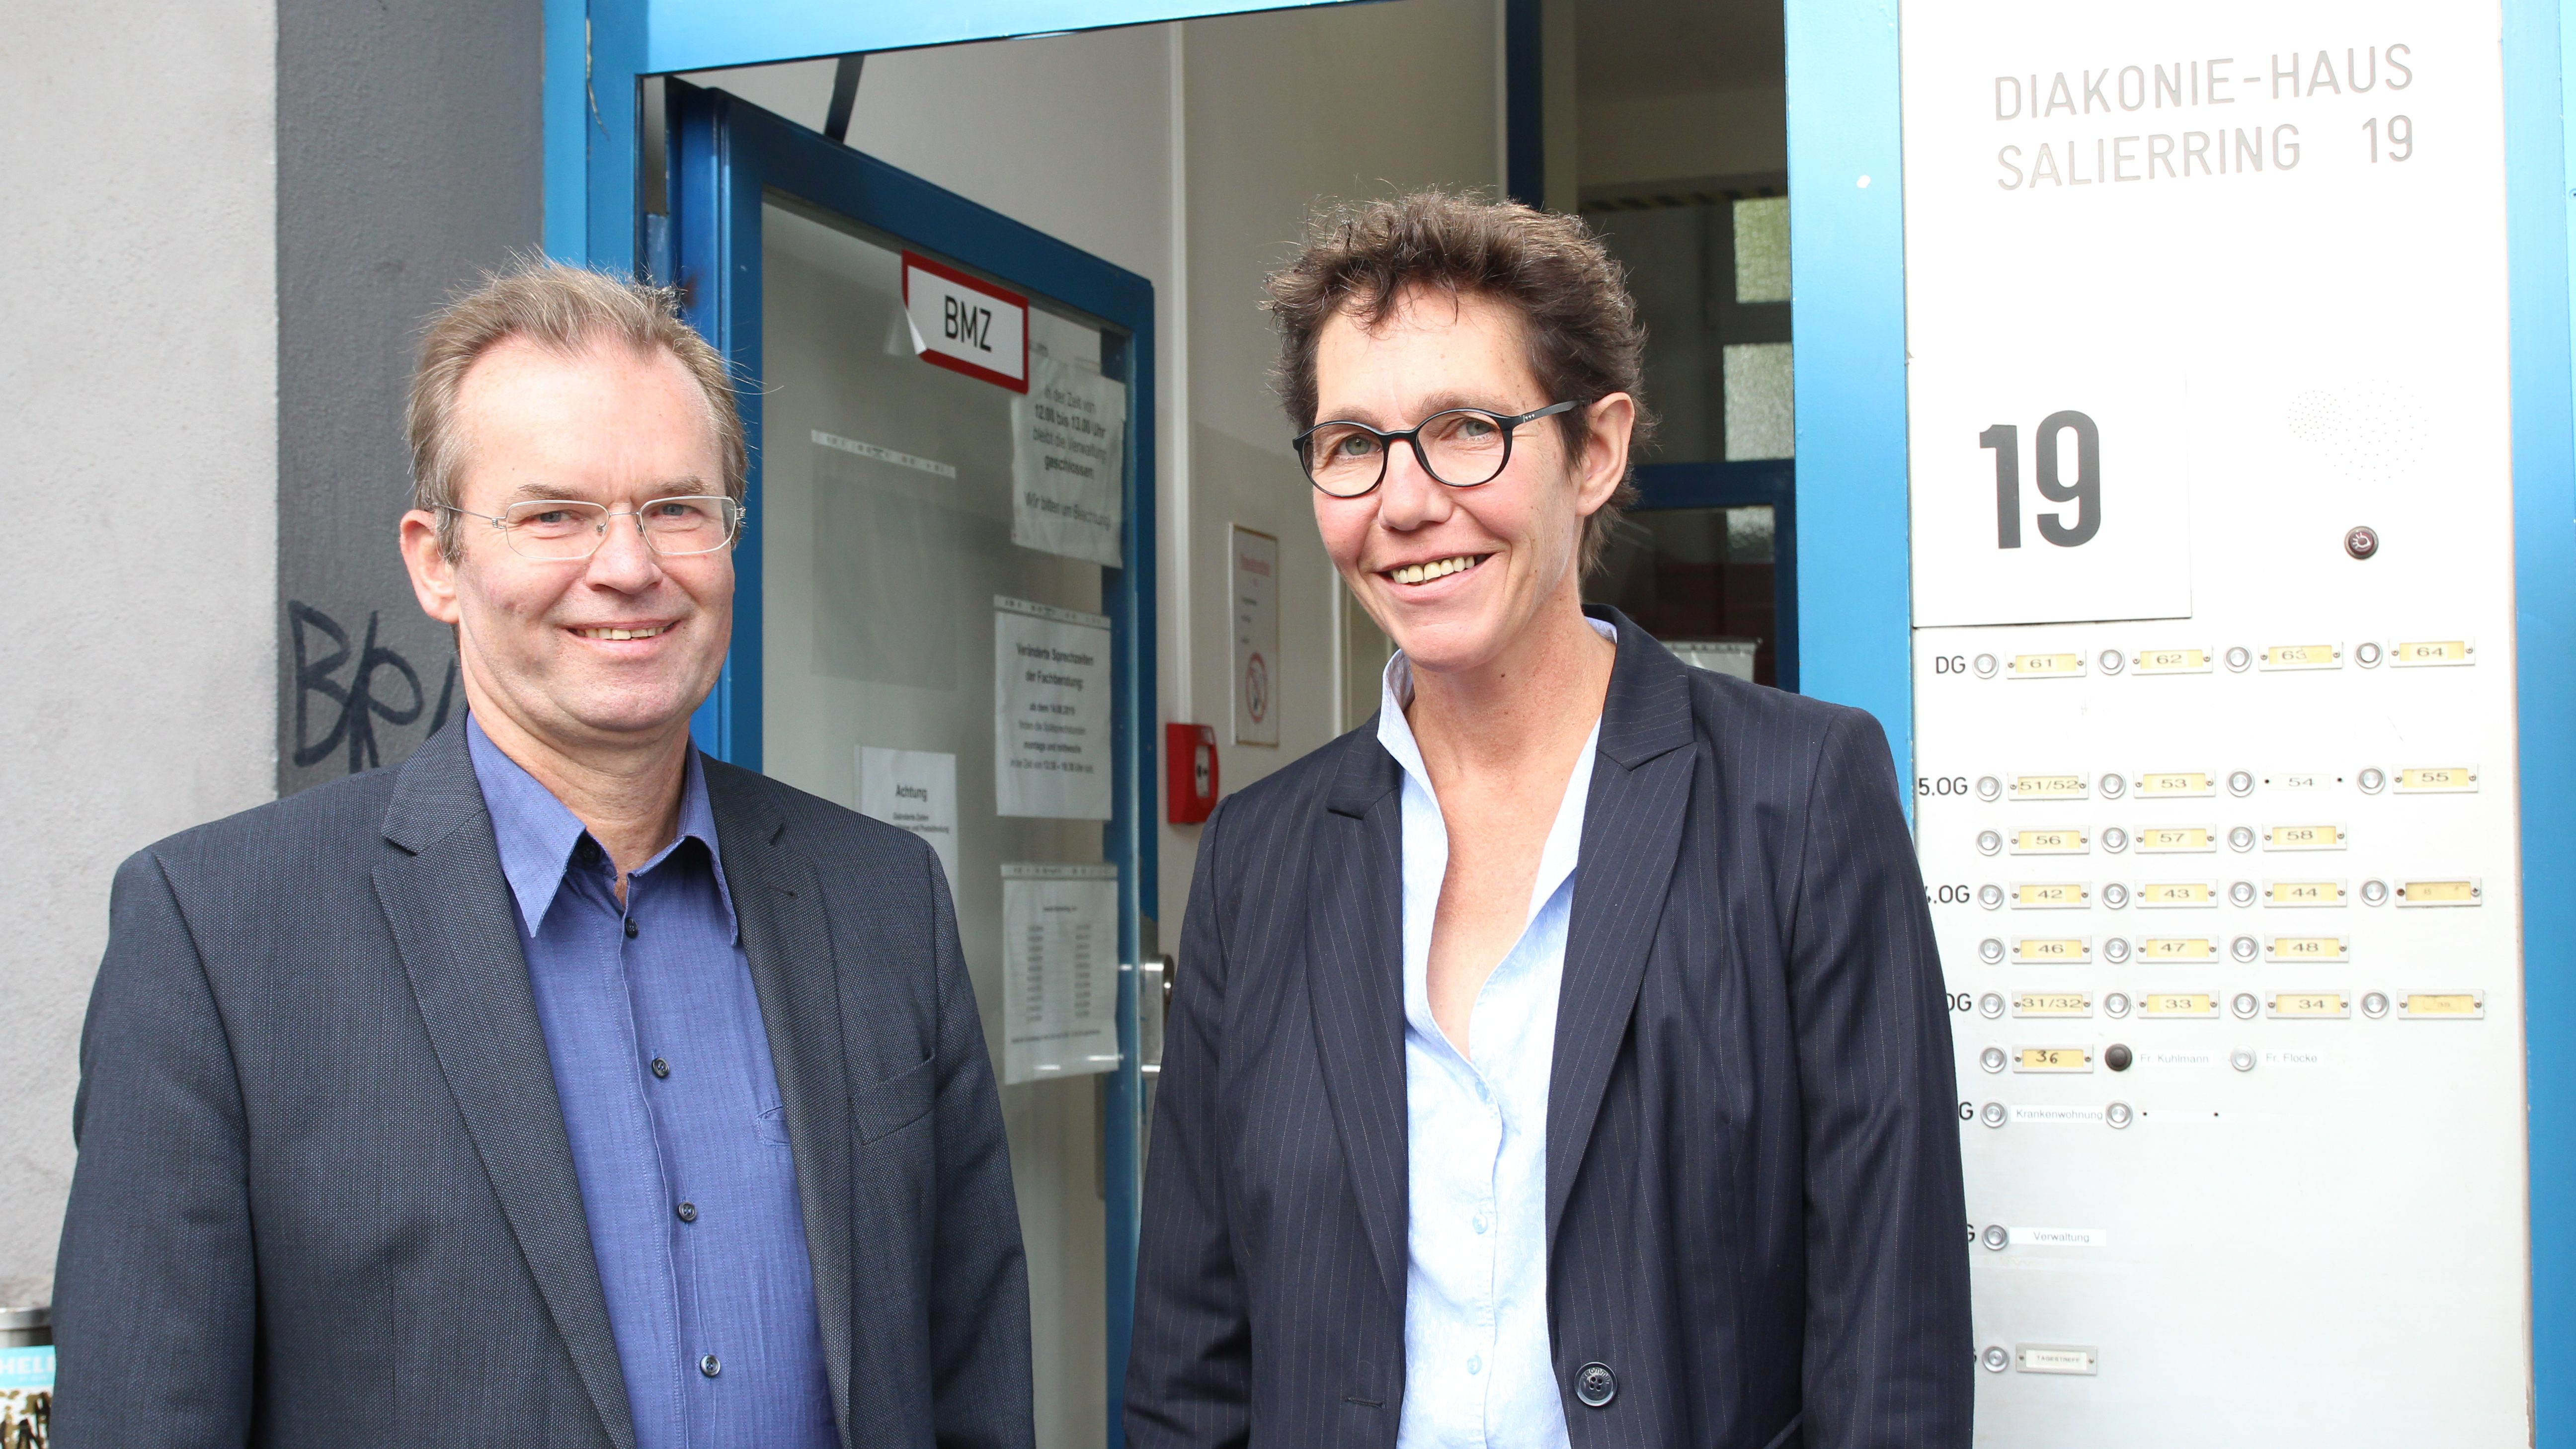 Stadtsuperintendent Dr. Bernhard Seiger besucht Diakoniehaus für Obdachlose